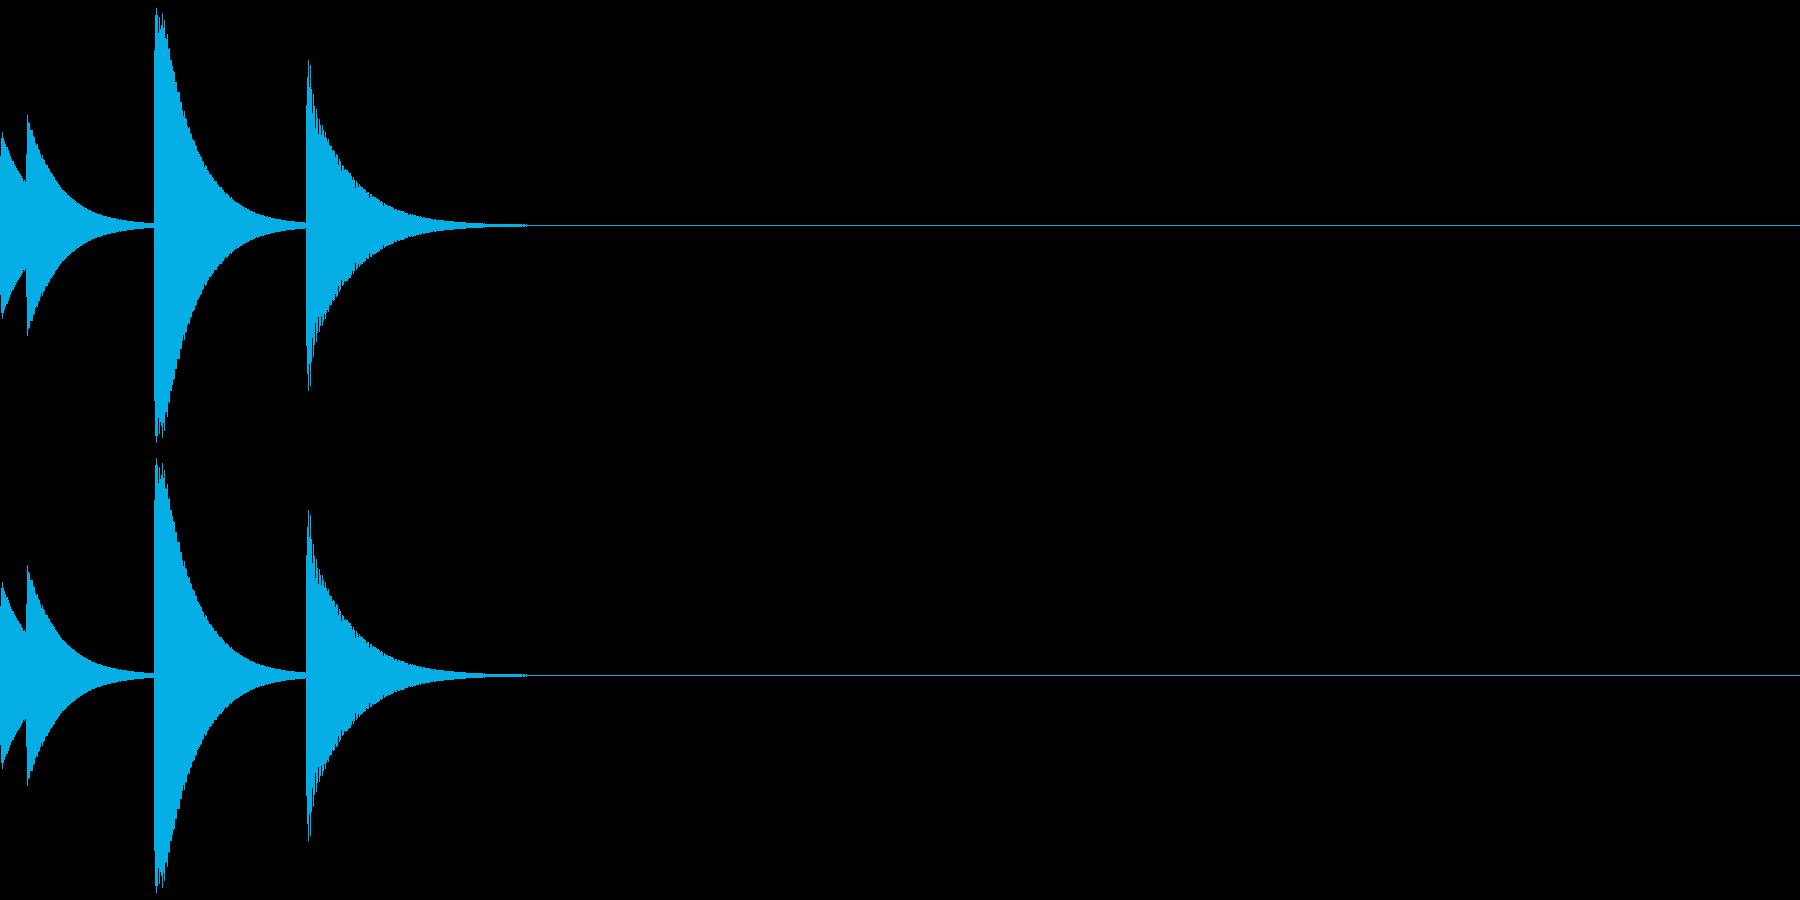 ポップアップ/システム音/ポコ/7の再生済みの波形